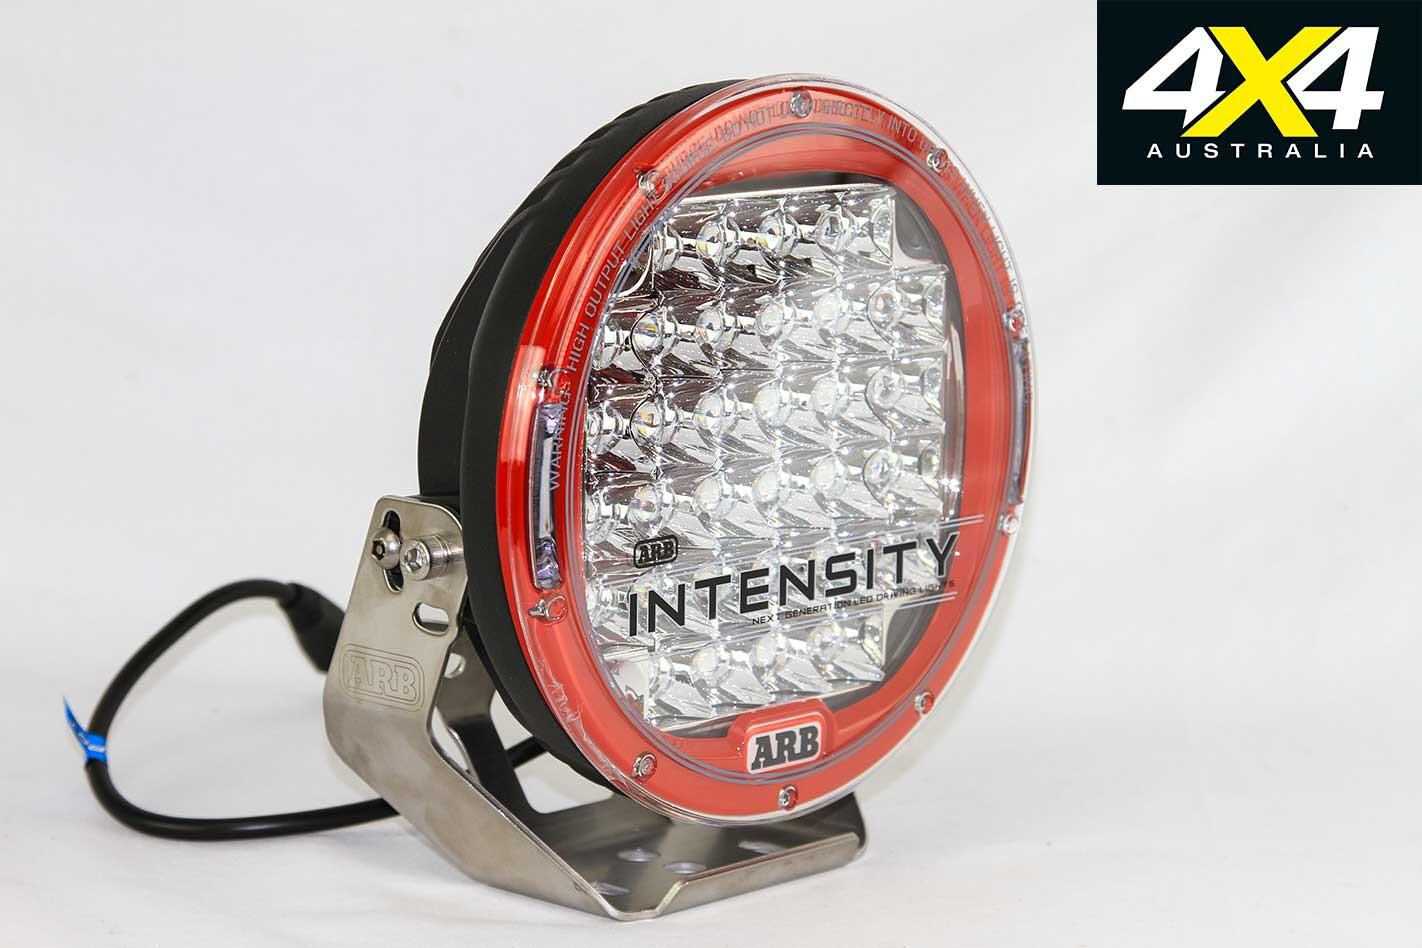 ARB 32 Intensity V 2 Jpg